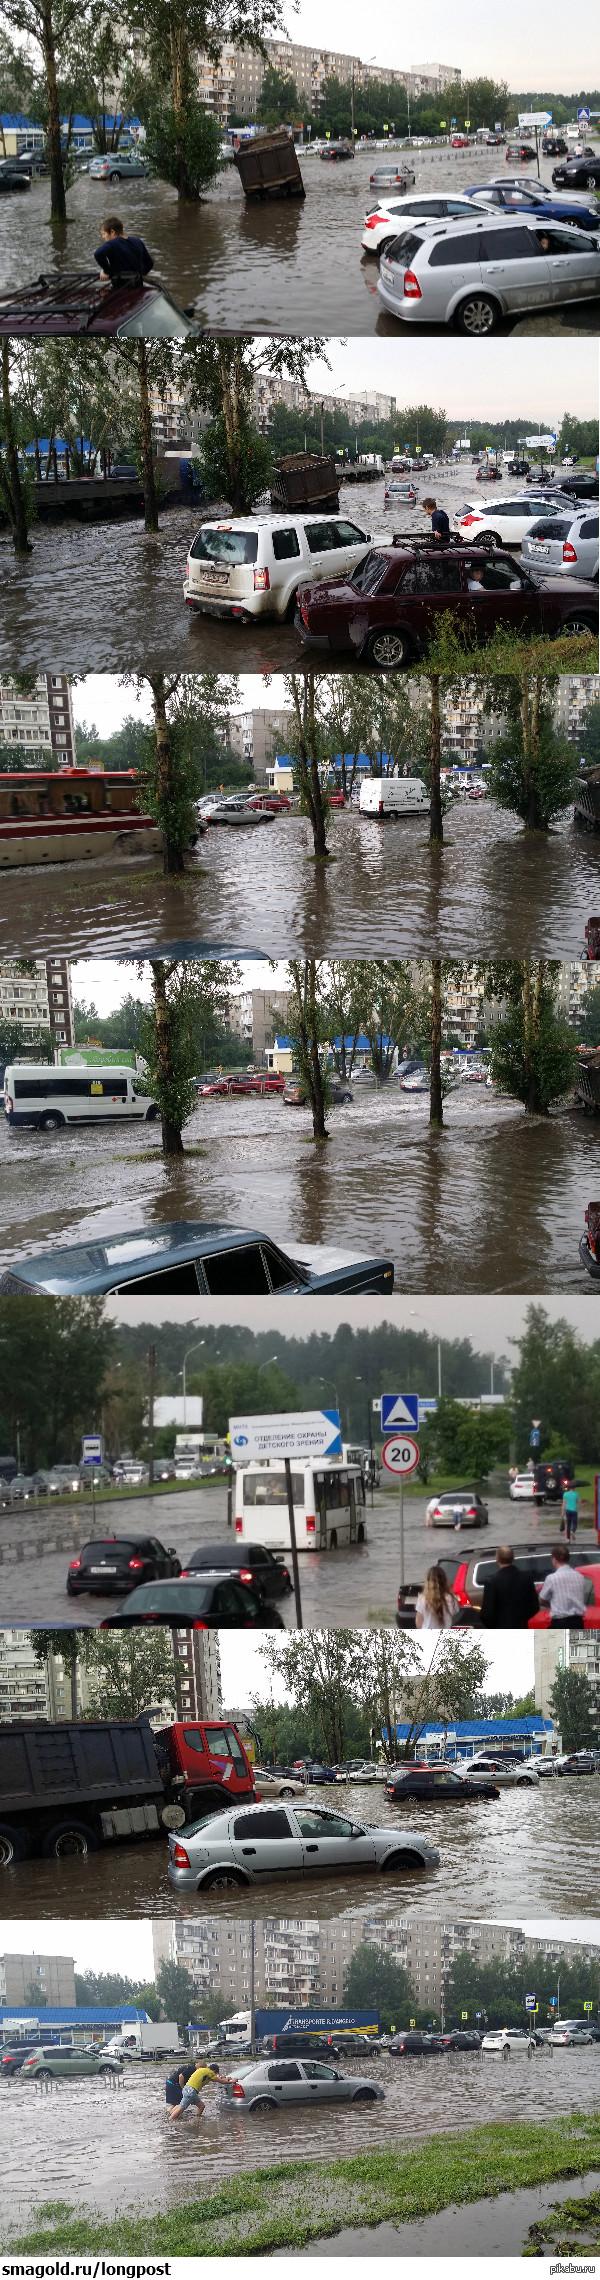 Привет из Екатеринбурга! Дождь с градом сразу после 30 градусной жары